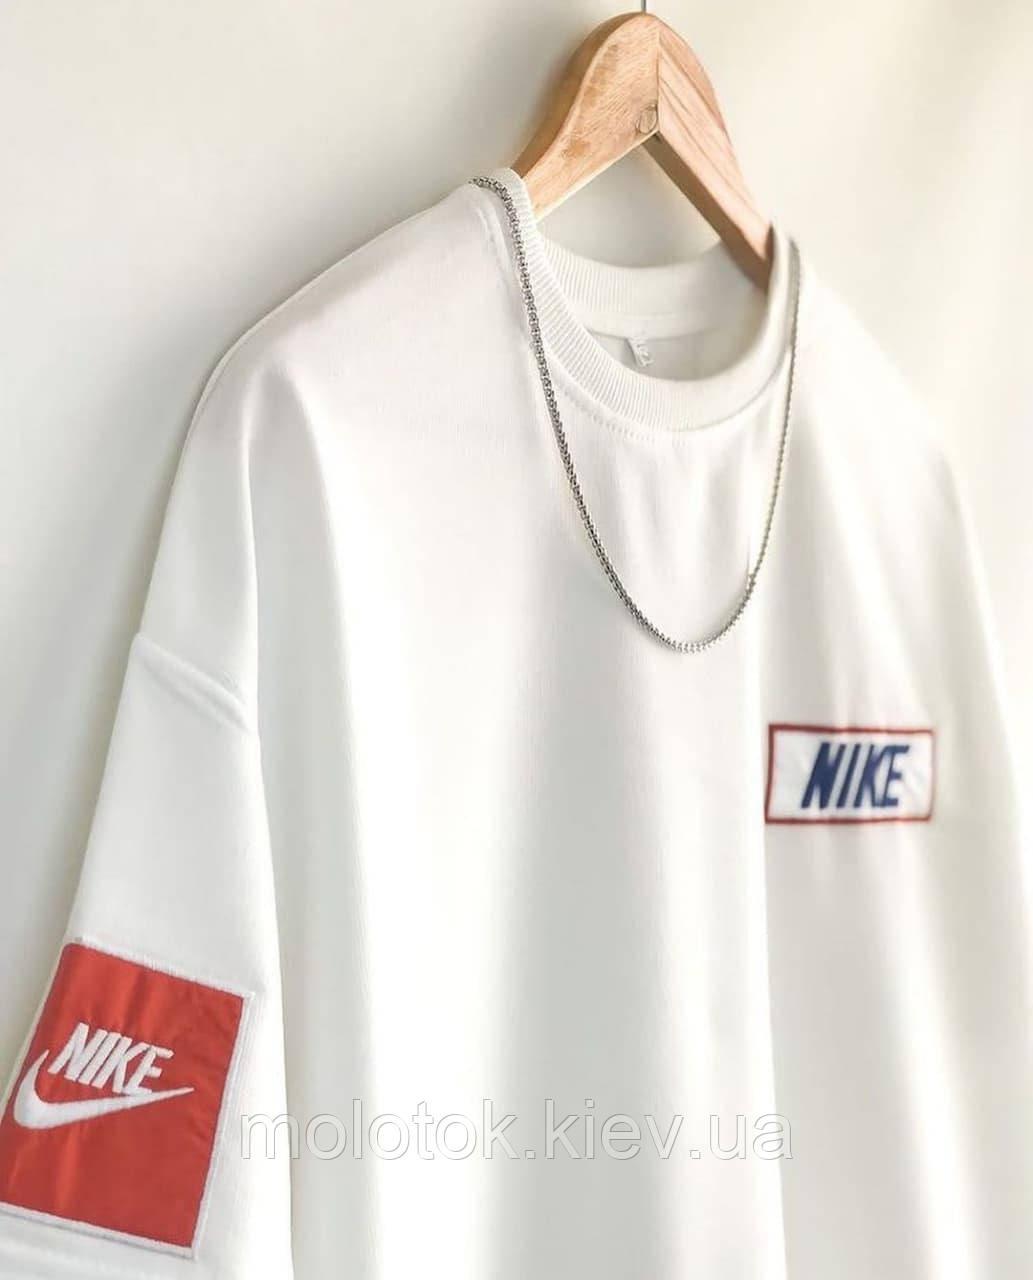 Мужская футболка Nike белая Турция